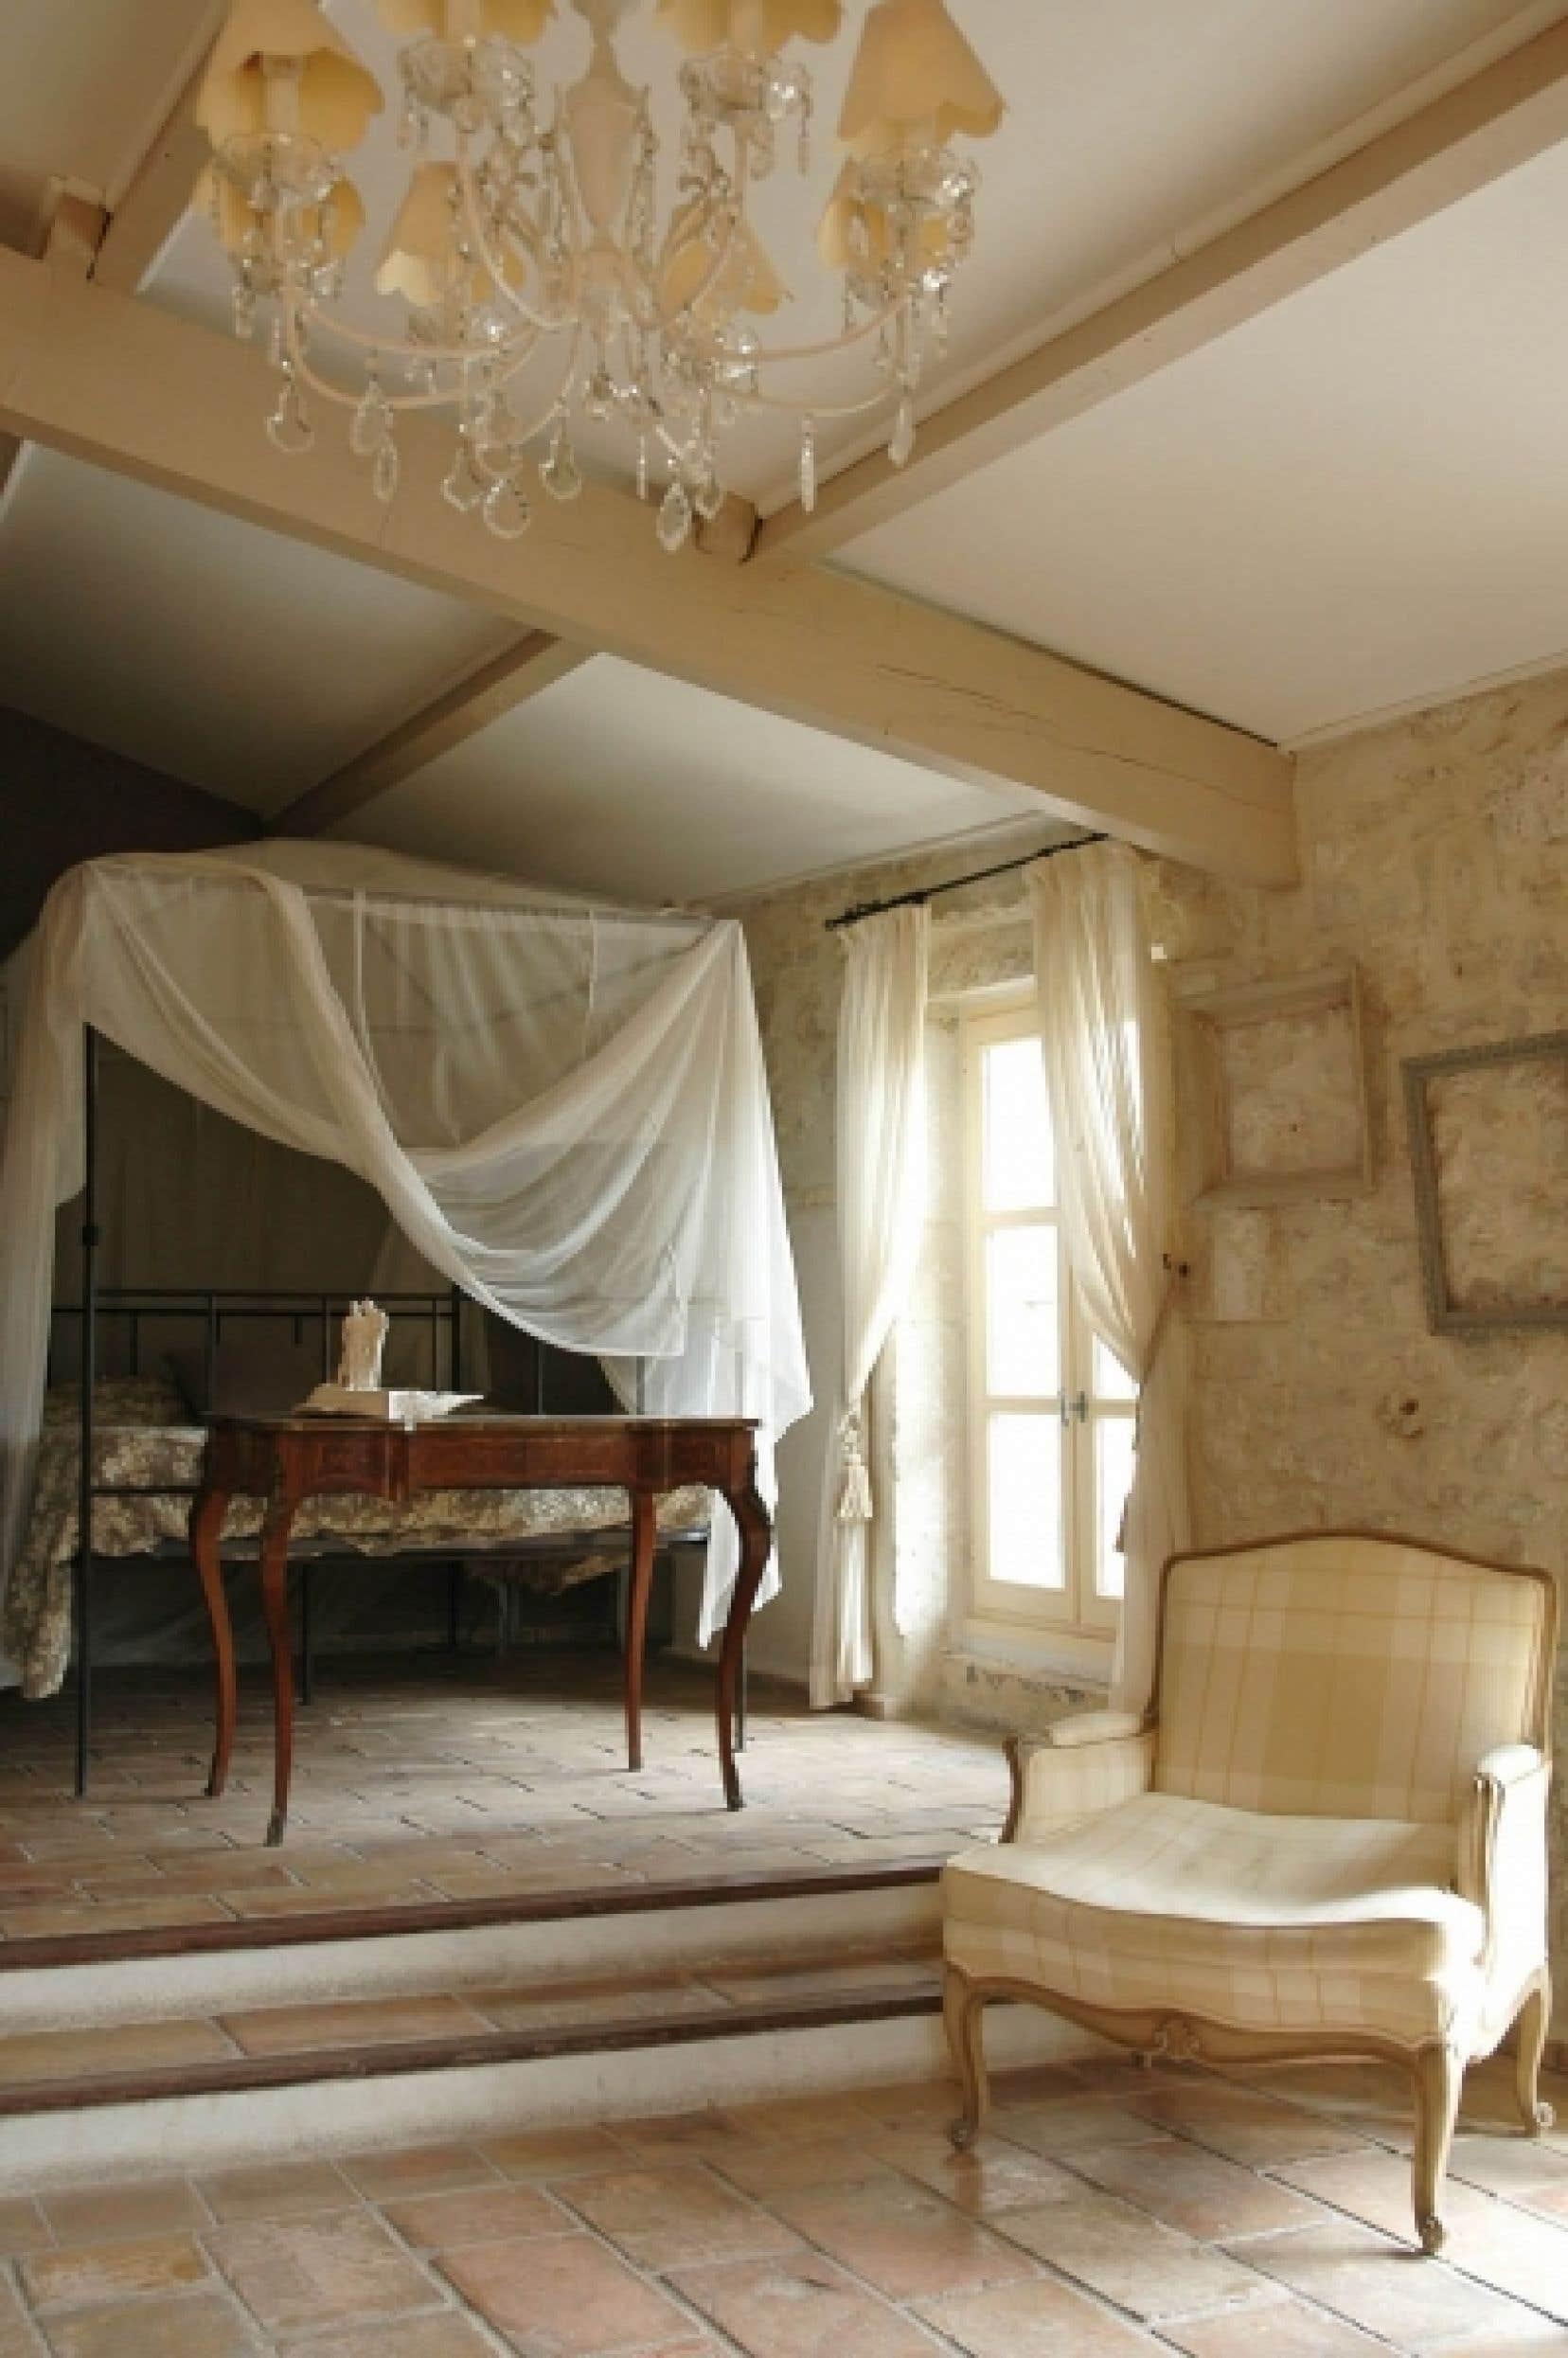 Dans la Maison du Moulin, près de Grignan, en Drôme provençale, les chambres sont douillettes et les salles de séjour invitent à la détente. En haut, à gauche: la porte du Hameau des Coquelicots.